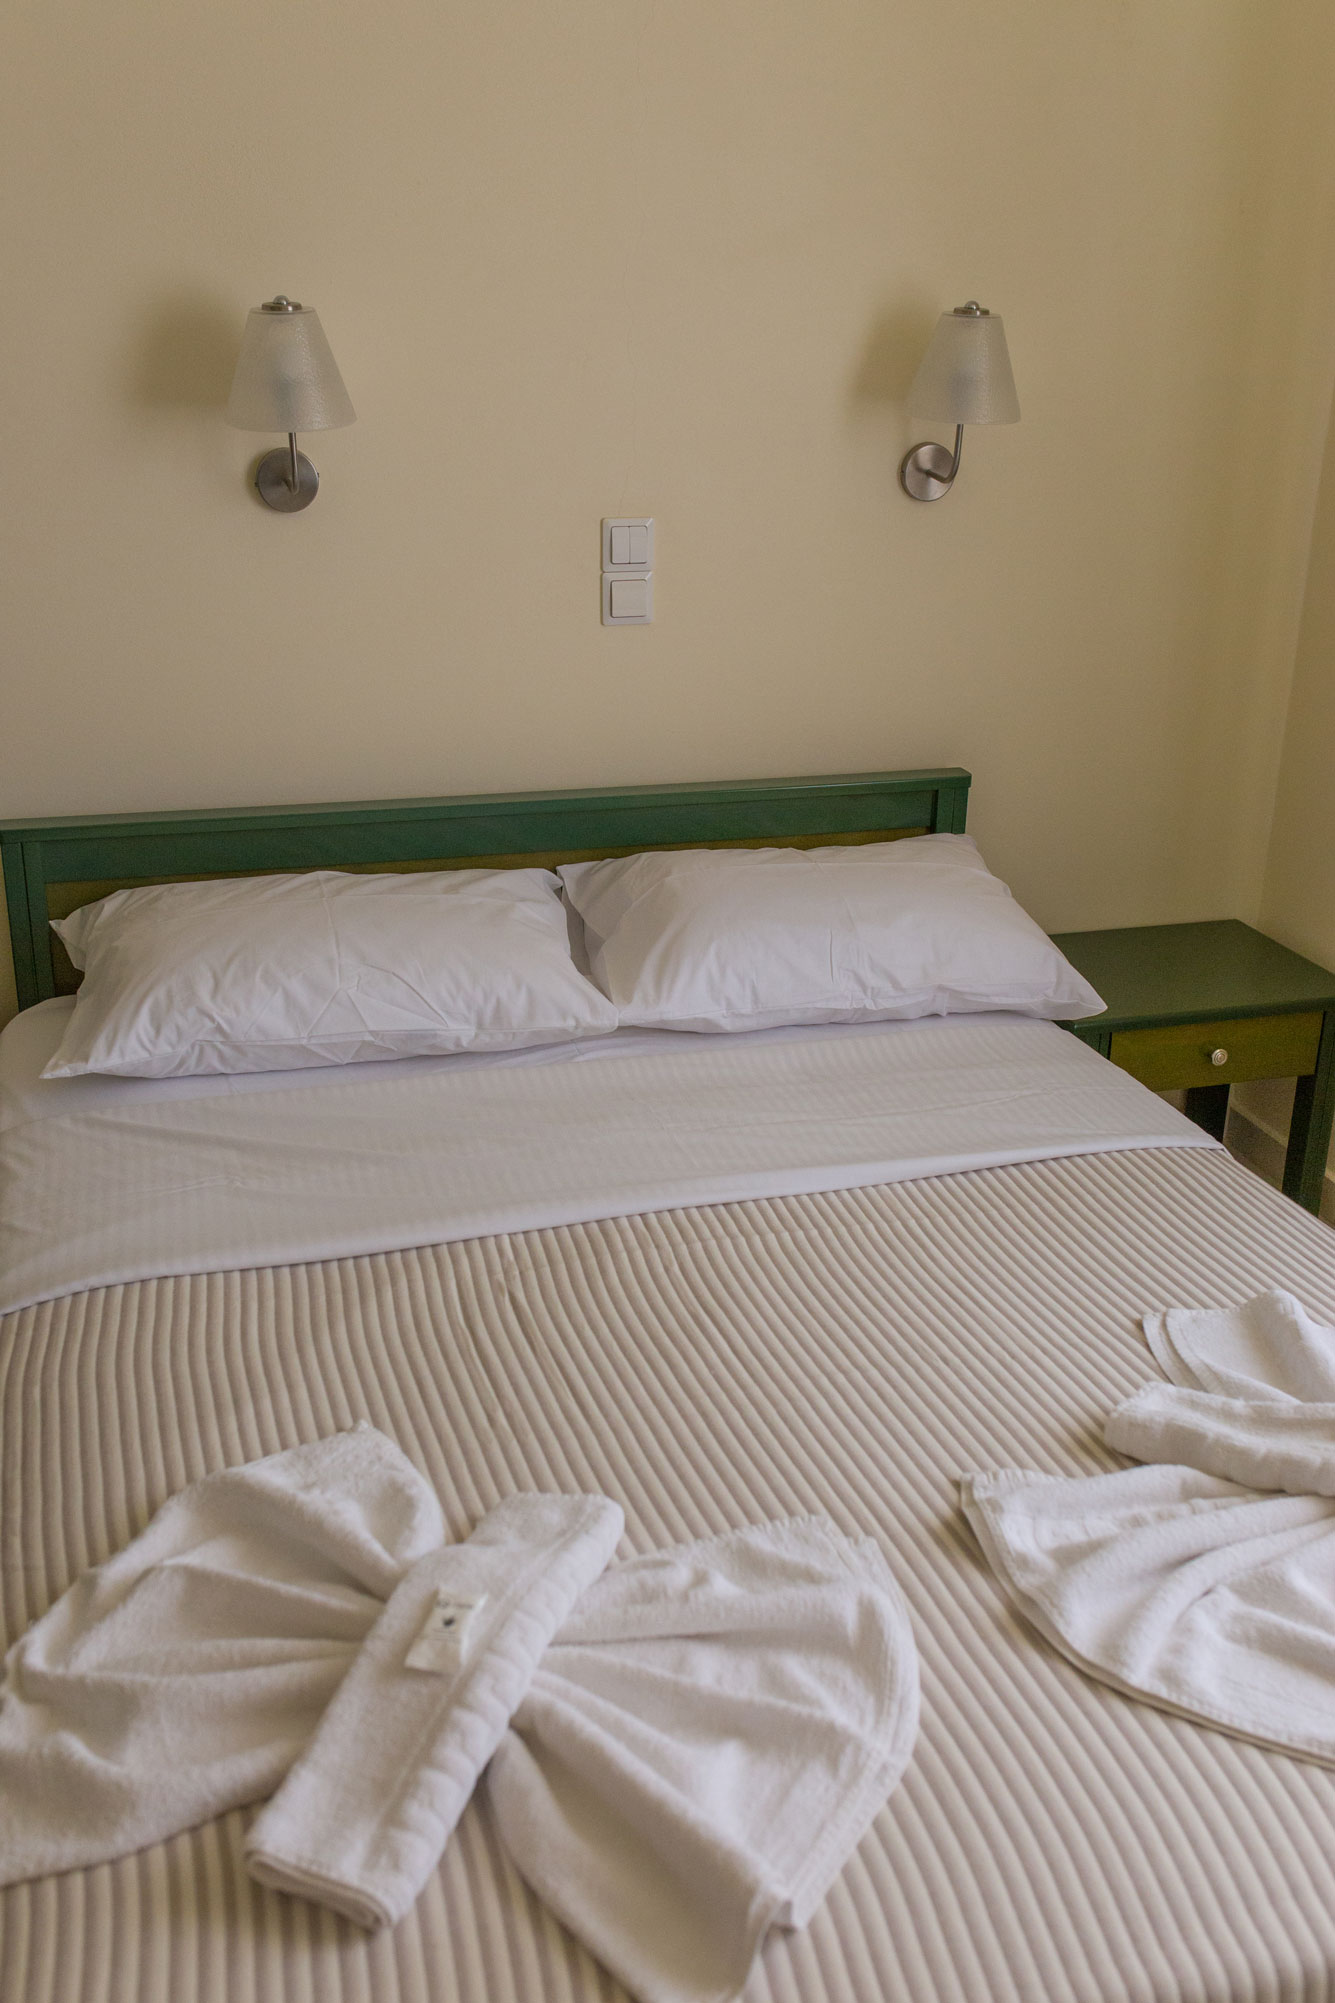 Διαμέρισμα ενός υπνοδωματίου (2 ενήλικες – 2 παιδιά)